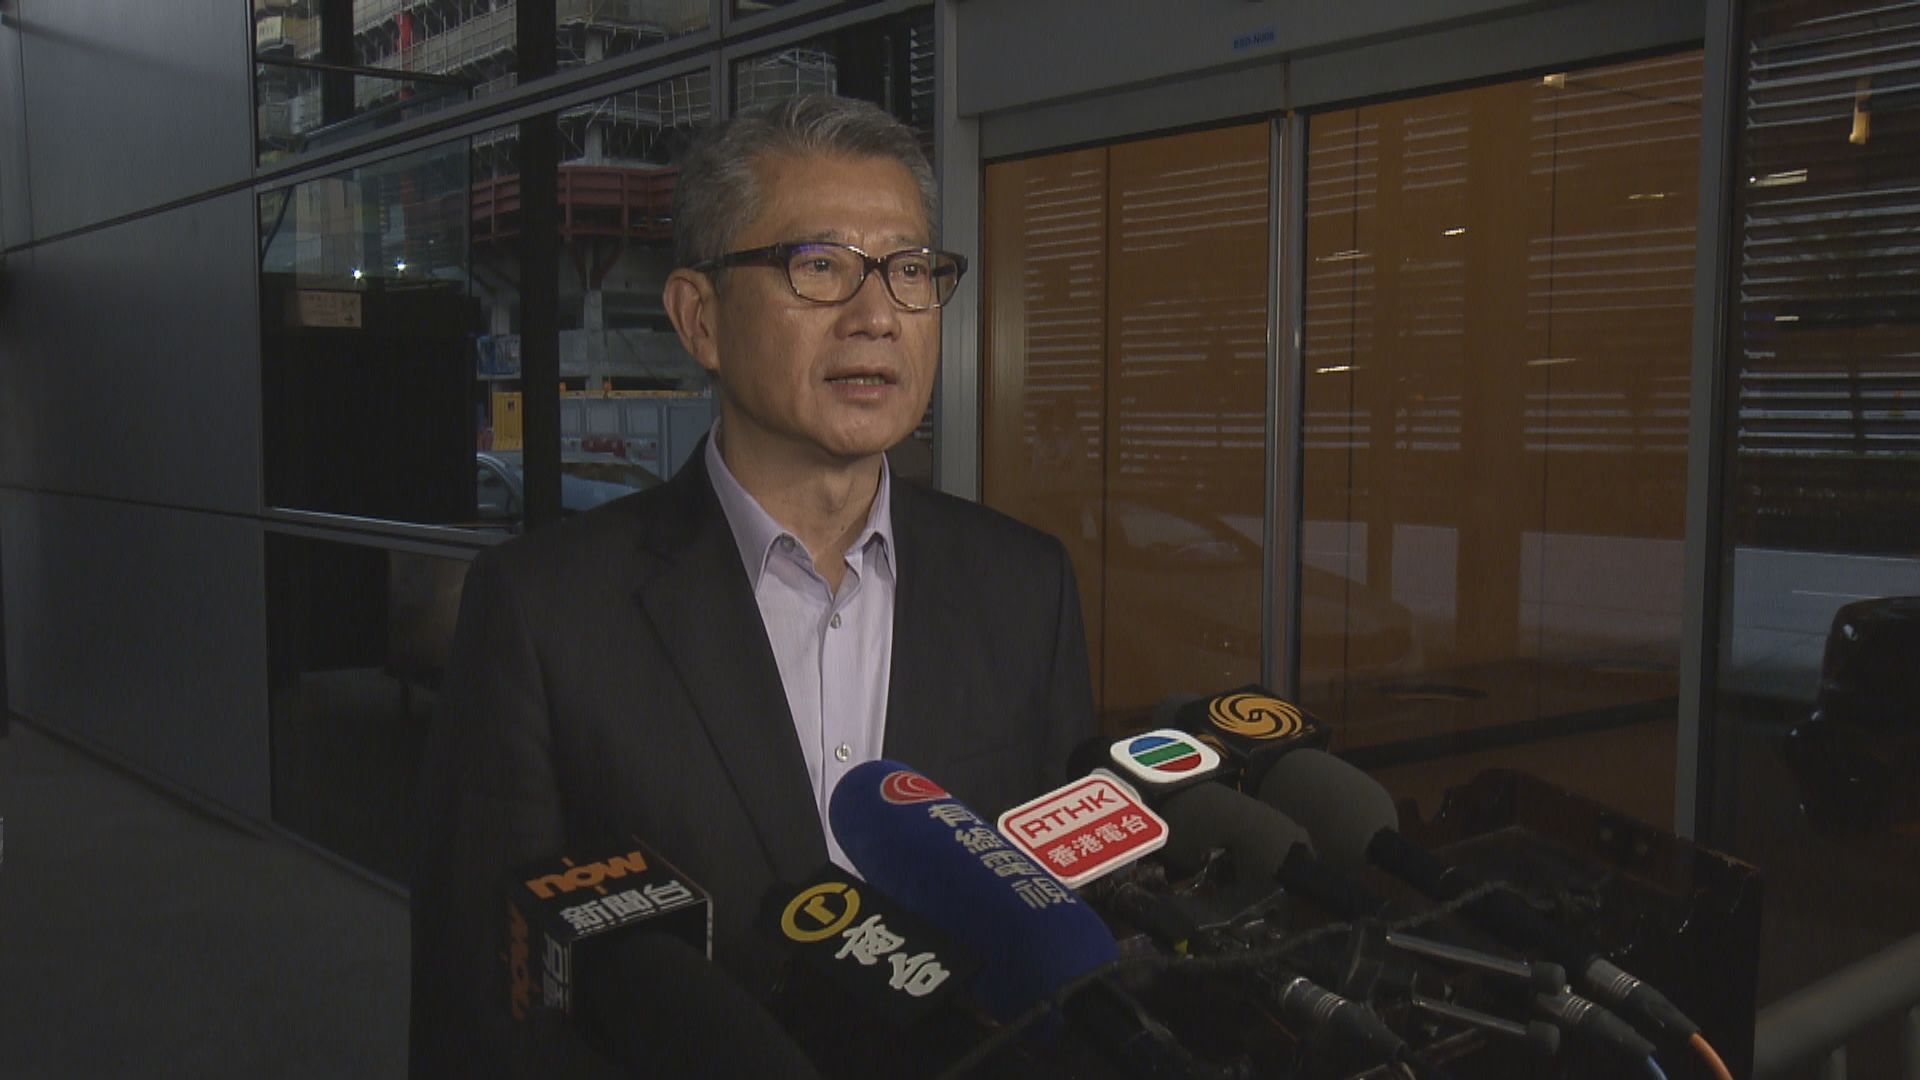 陳茂波:已提醒國泰重組須減低對員工及社會影響